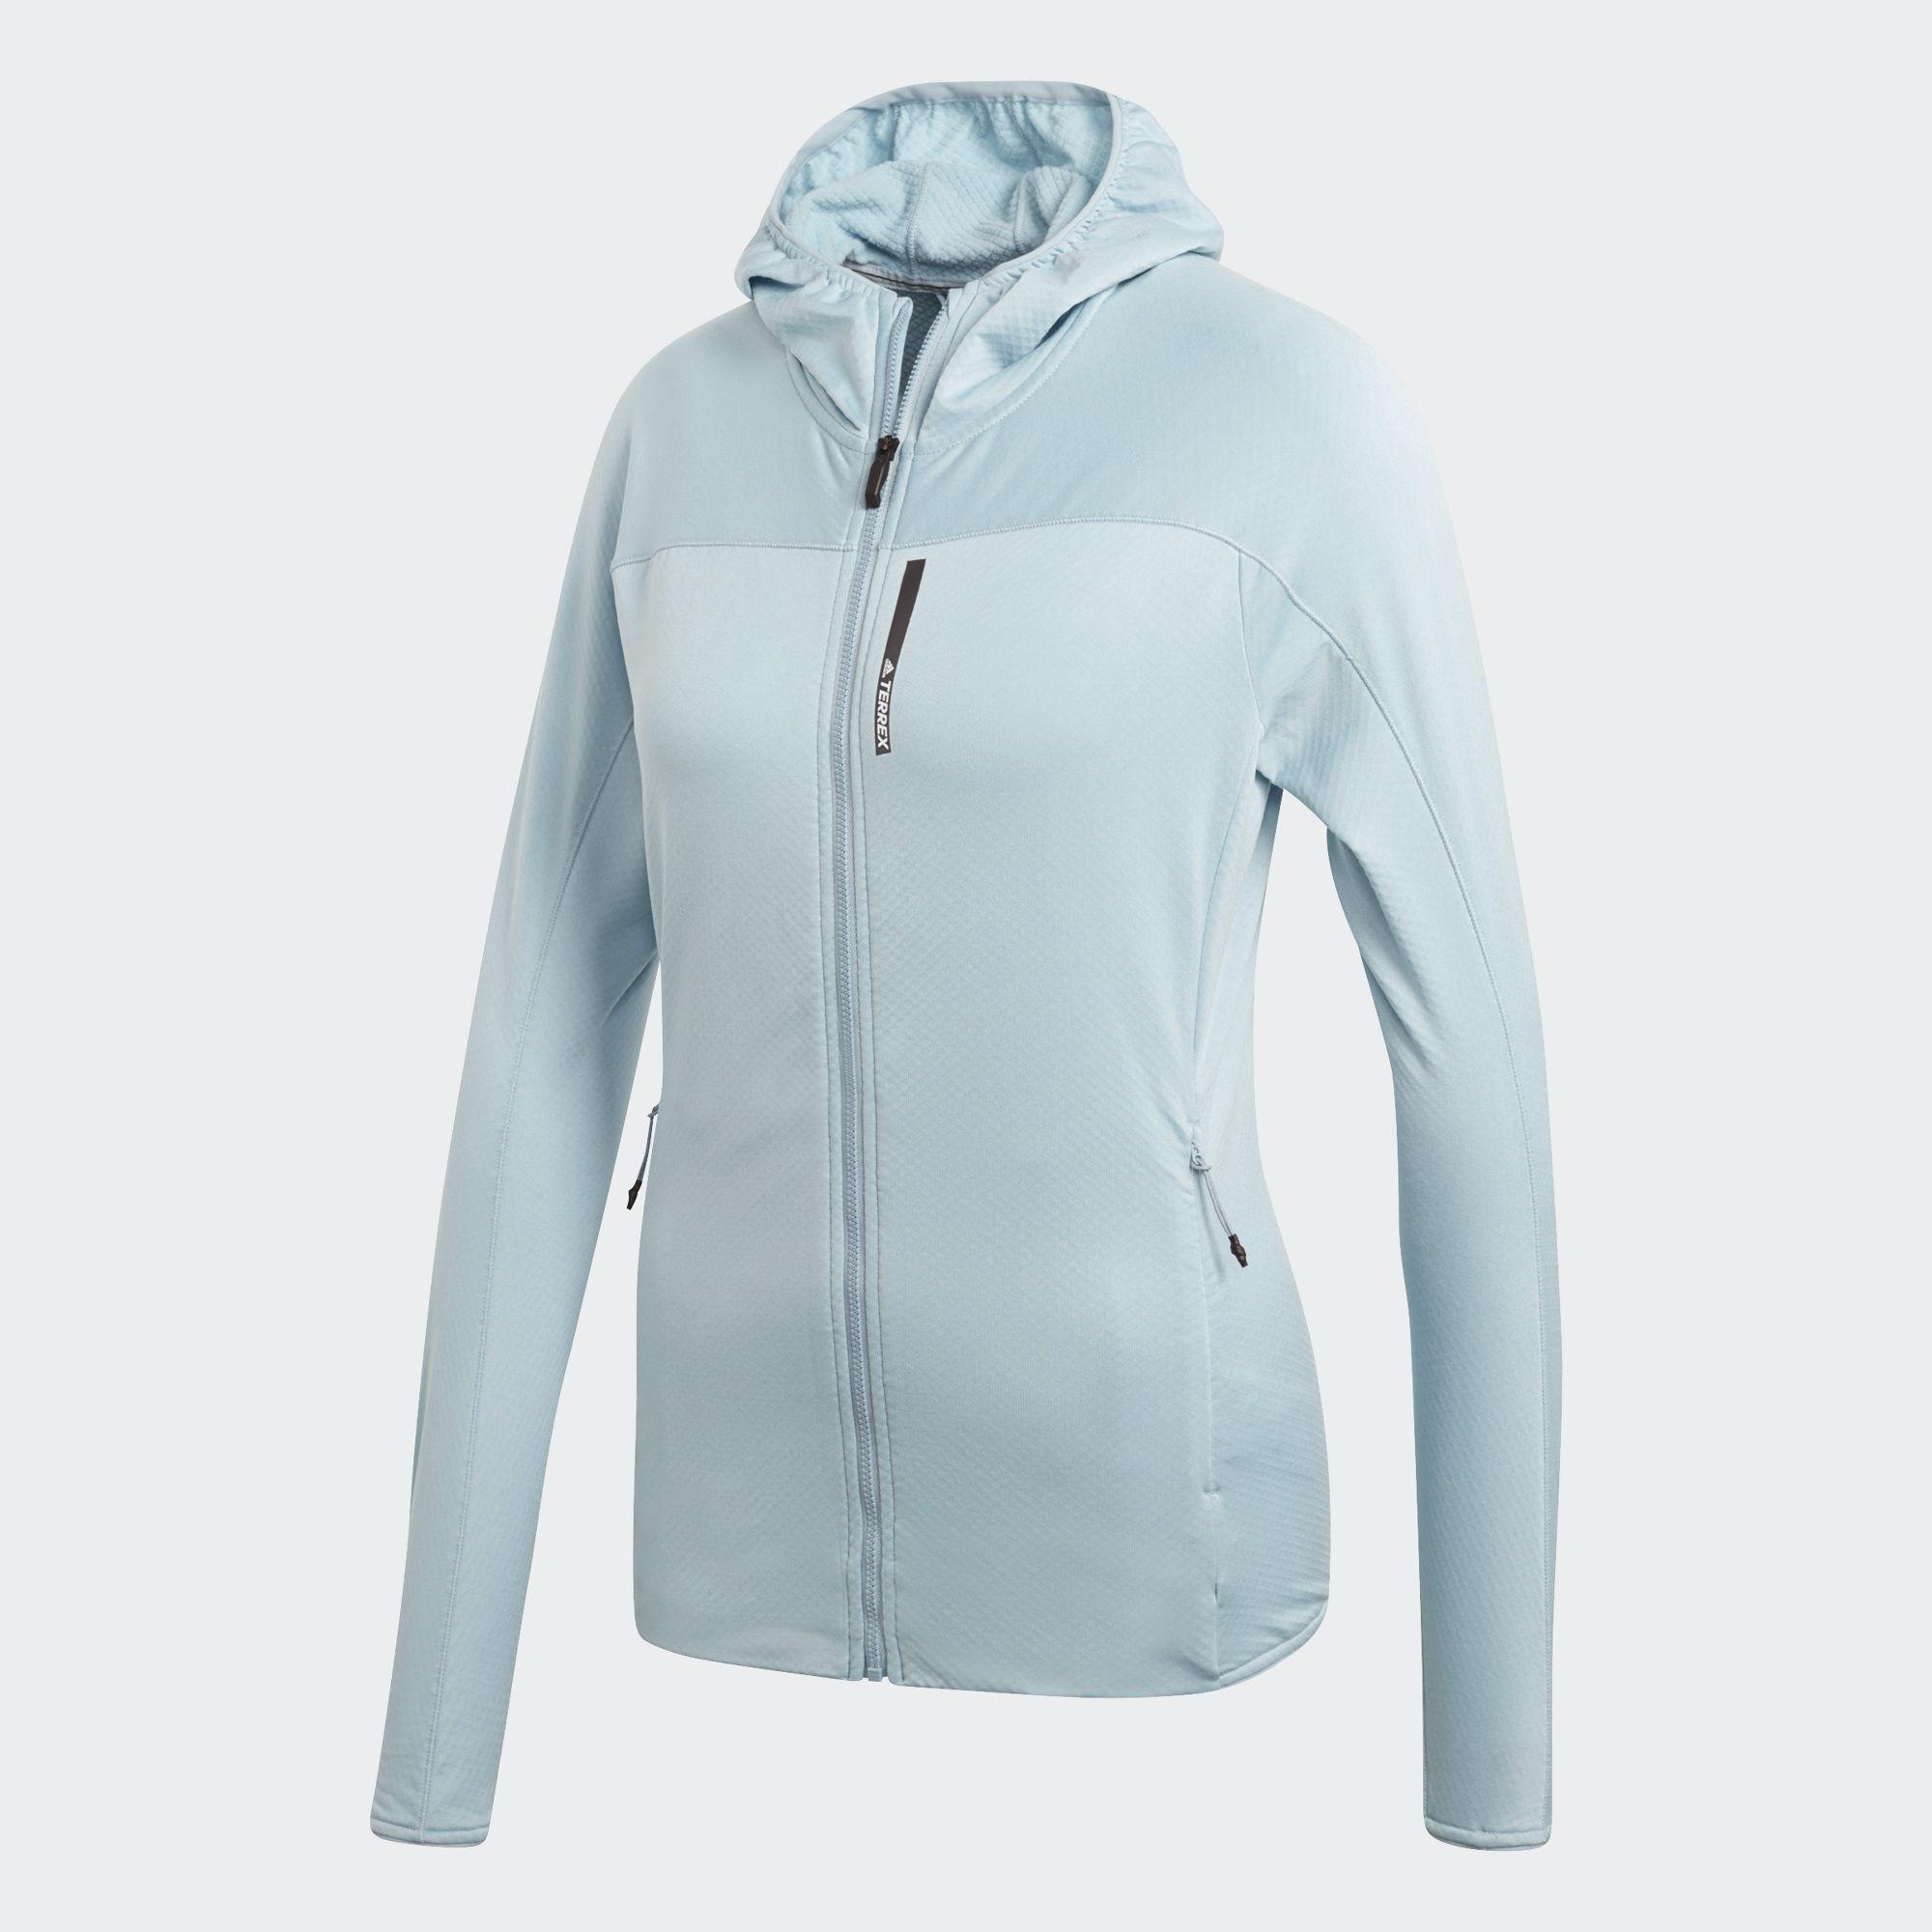 Худи женское Adidas W Tracero Ho Fl, цвет: голубой. CF9864. Размер 42 (48)CF9864